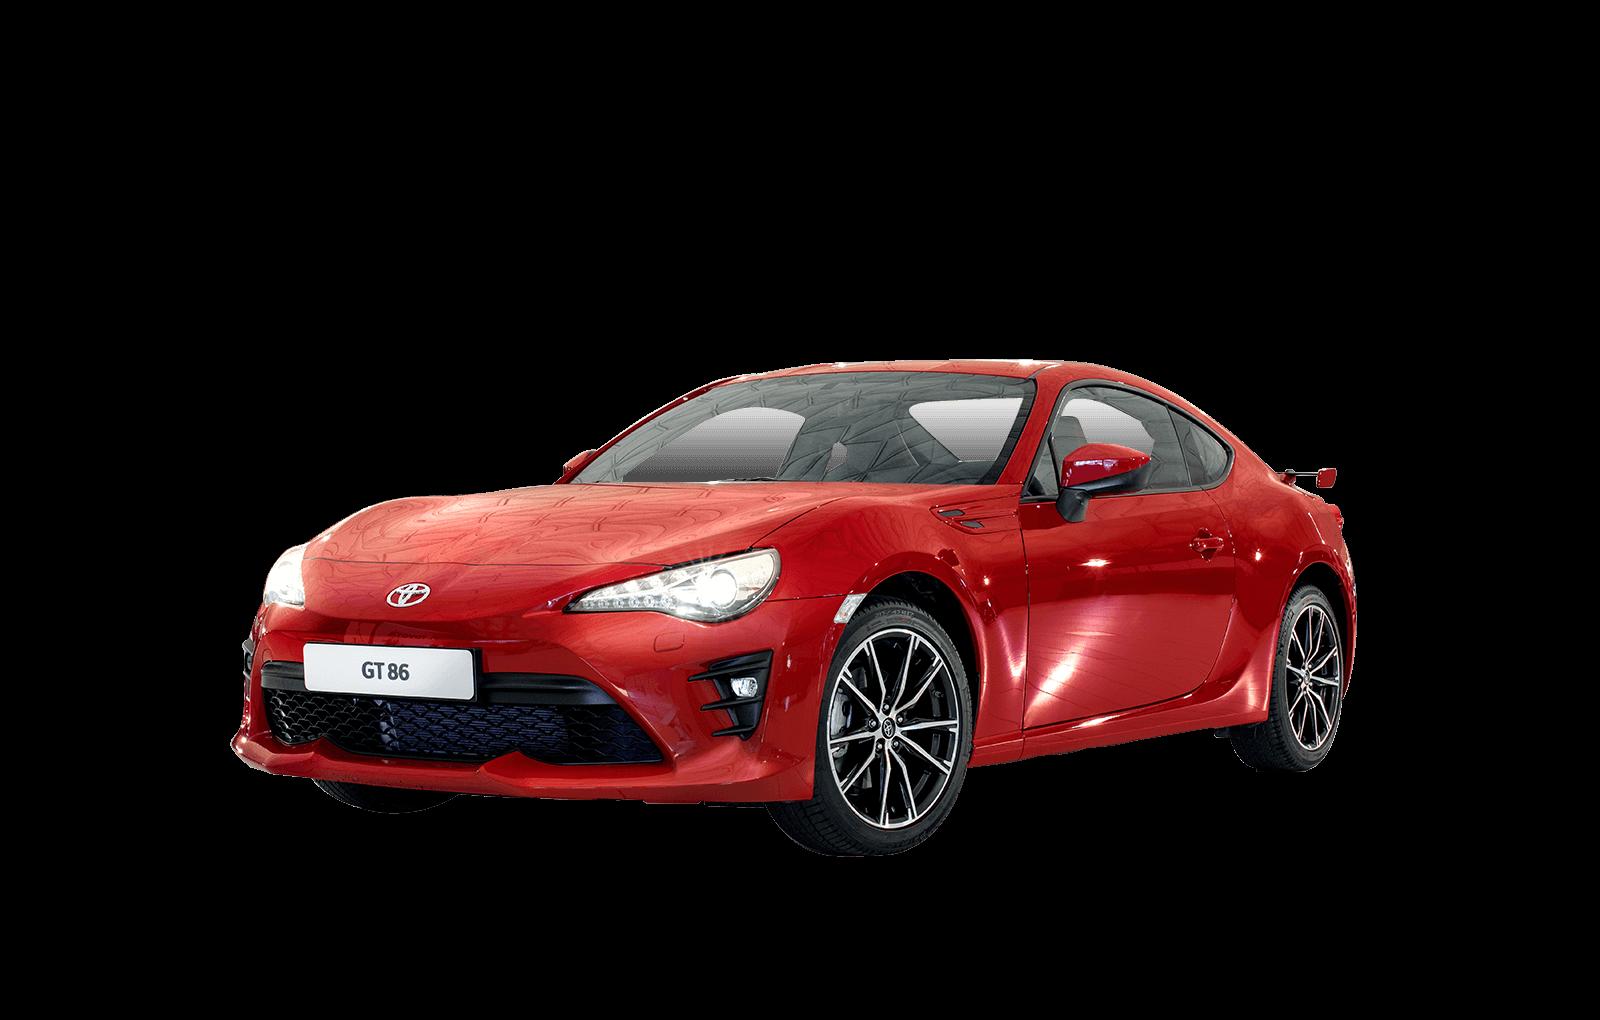 Poważne JPJ AUTO - Toyota Polska | GT86 | Samochód sportowy | Historia GF39